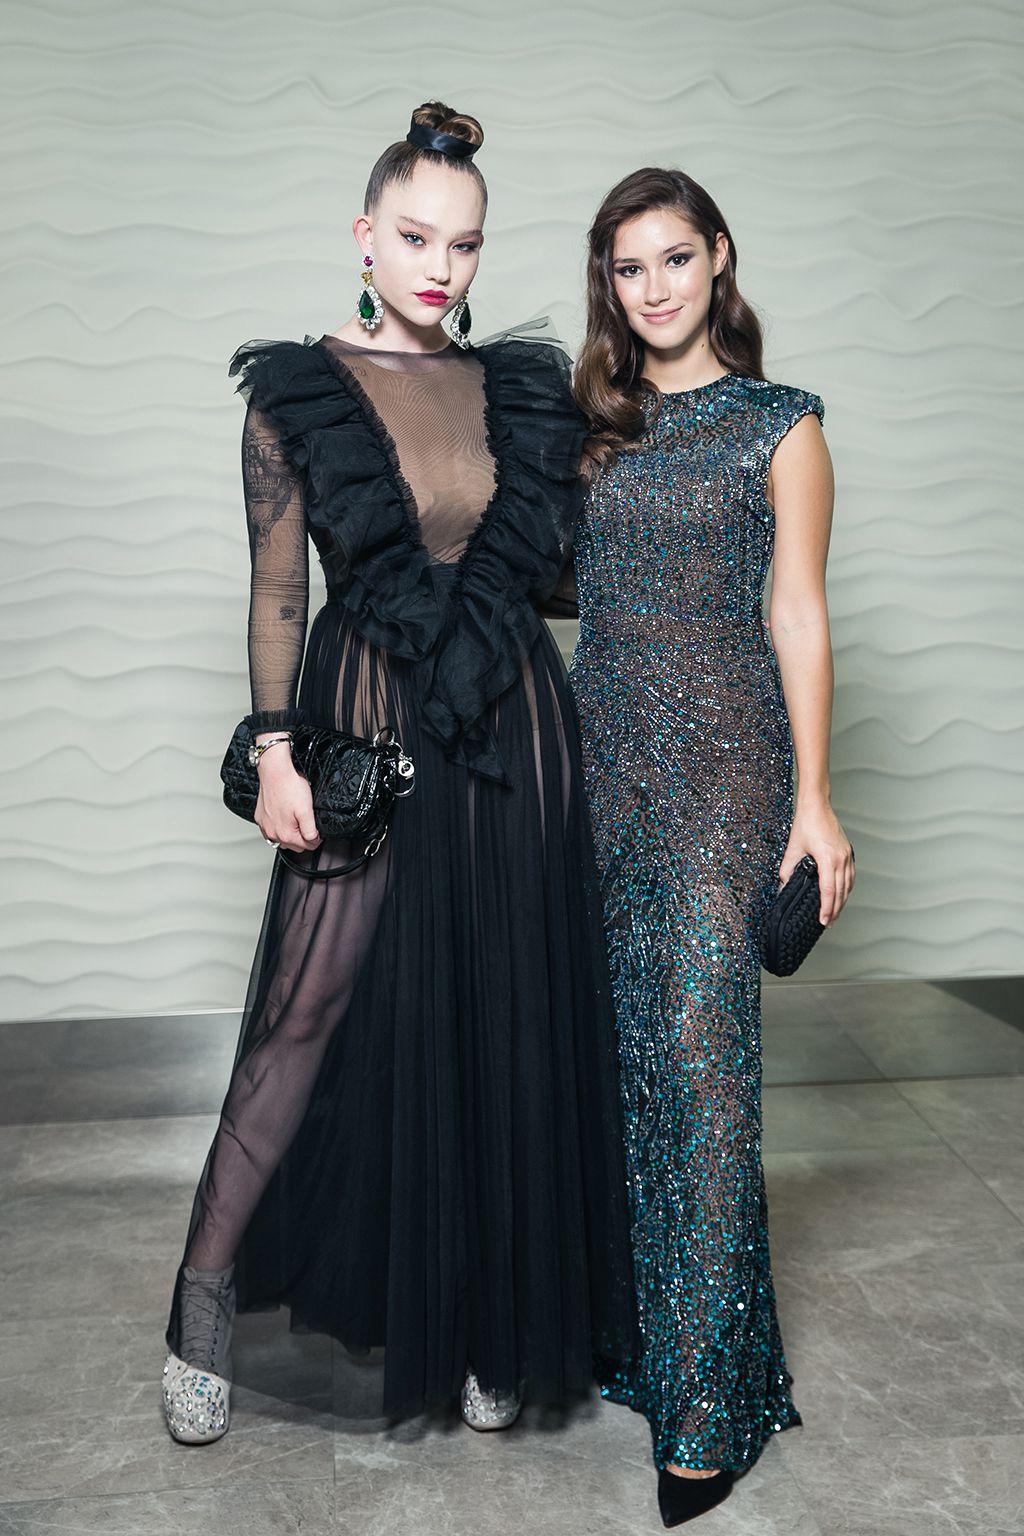 Александра Киселева и Дина Немцова | Fashion People Awards 2019